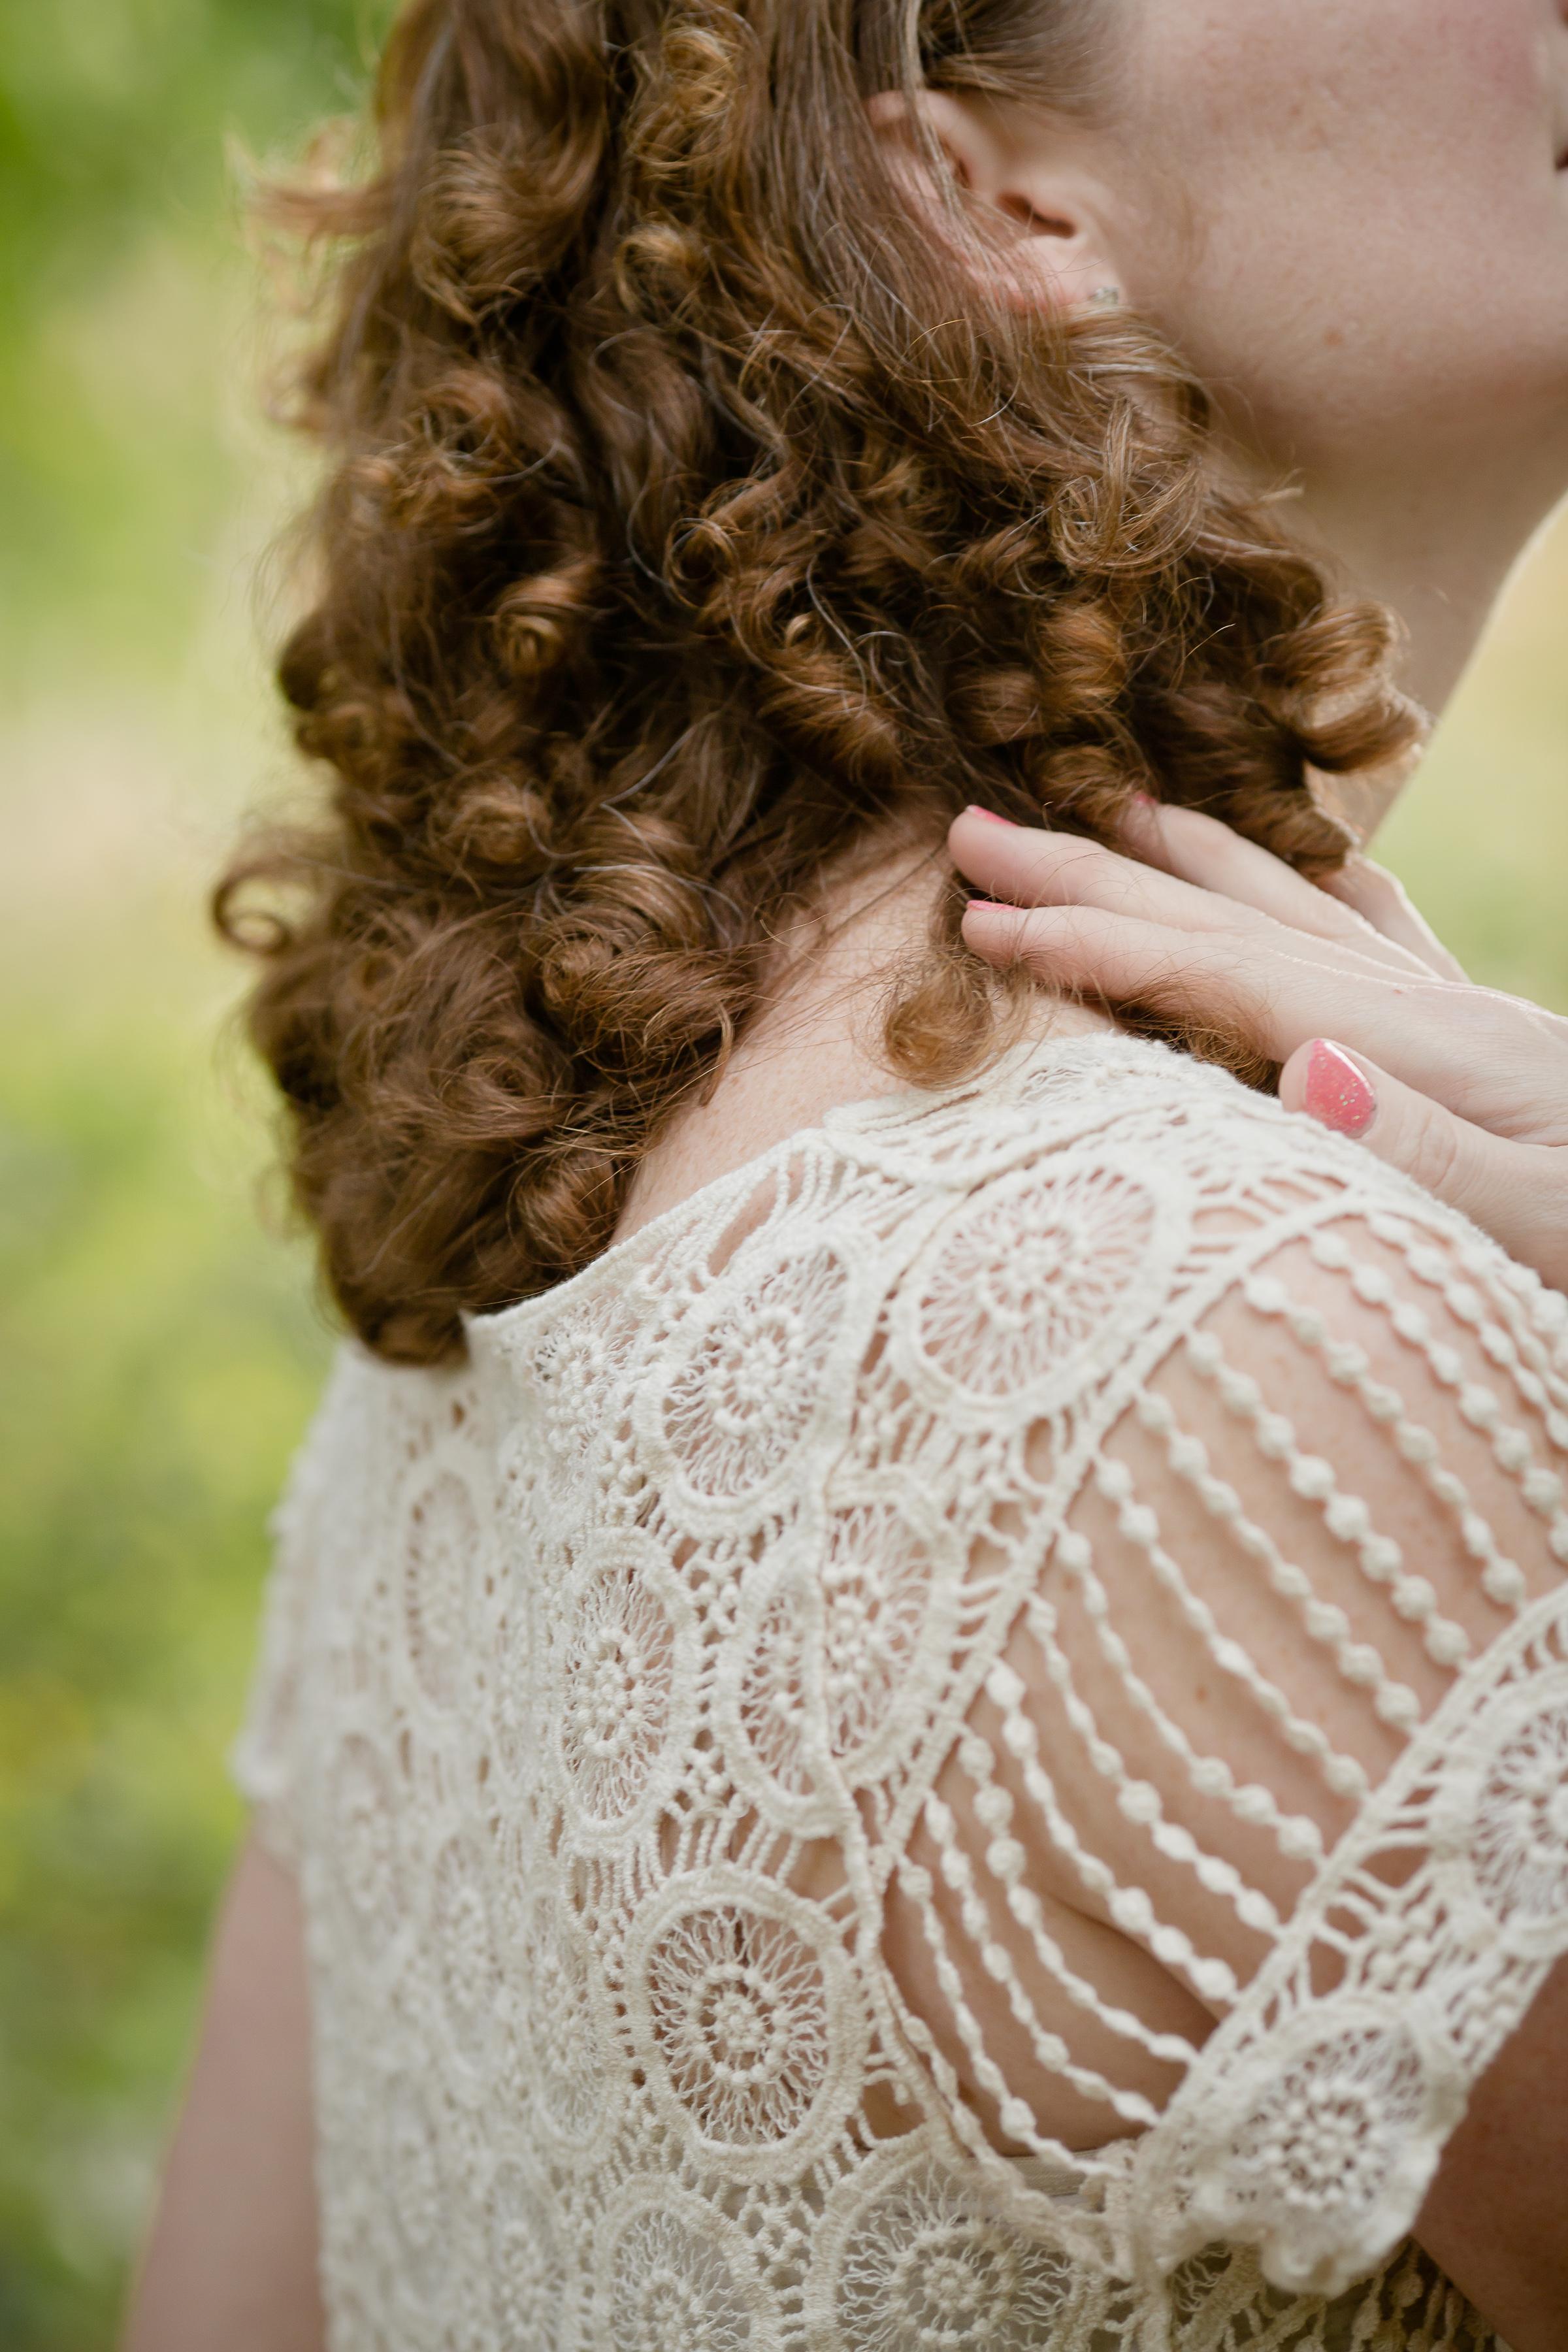 clickforhope_breastcancershoot-107.jpg